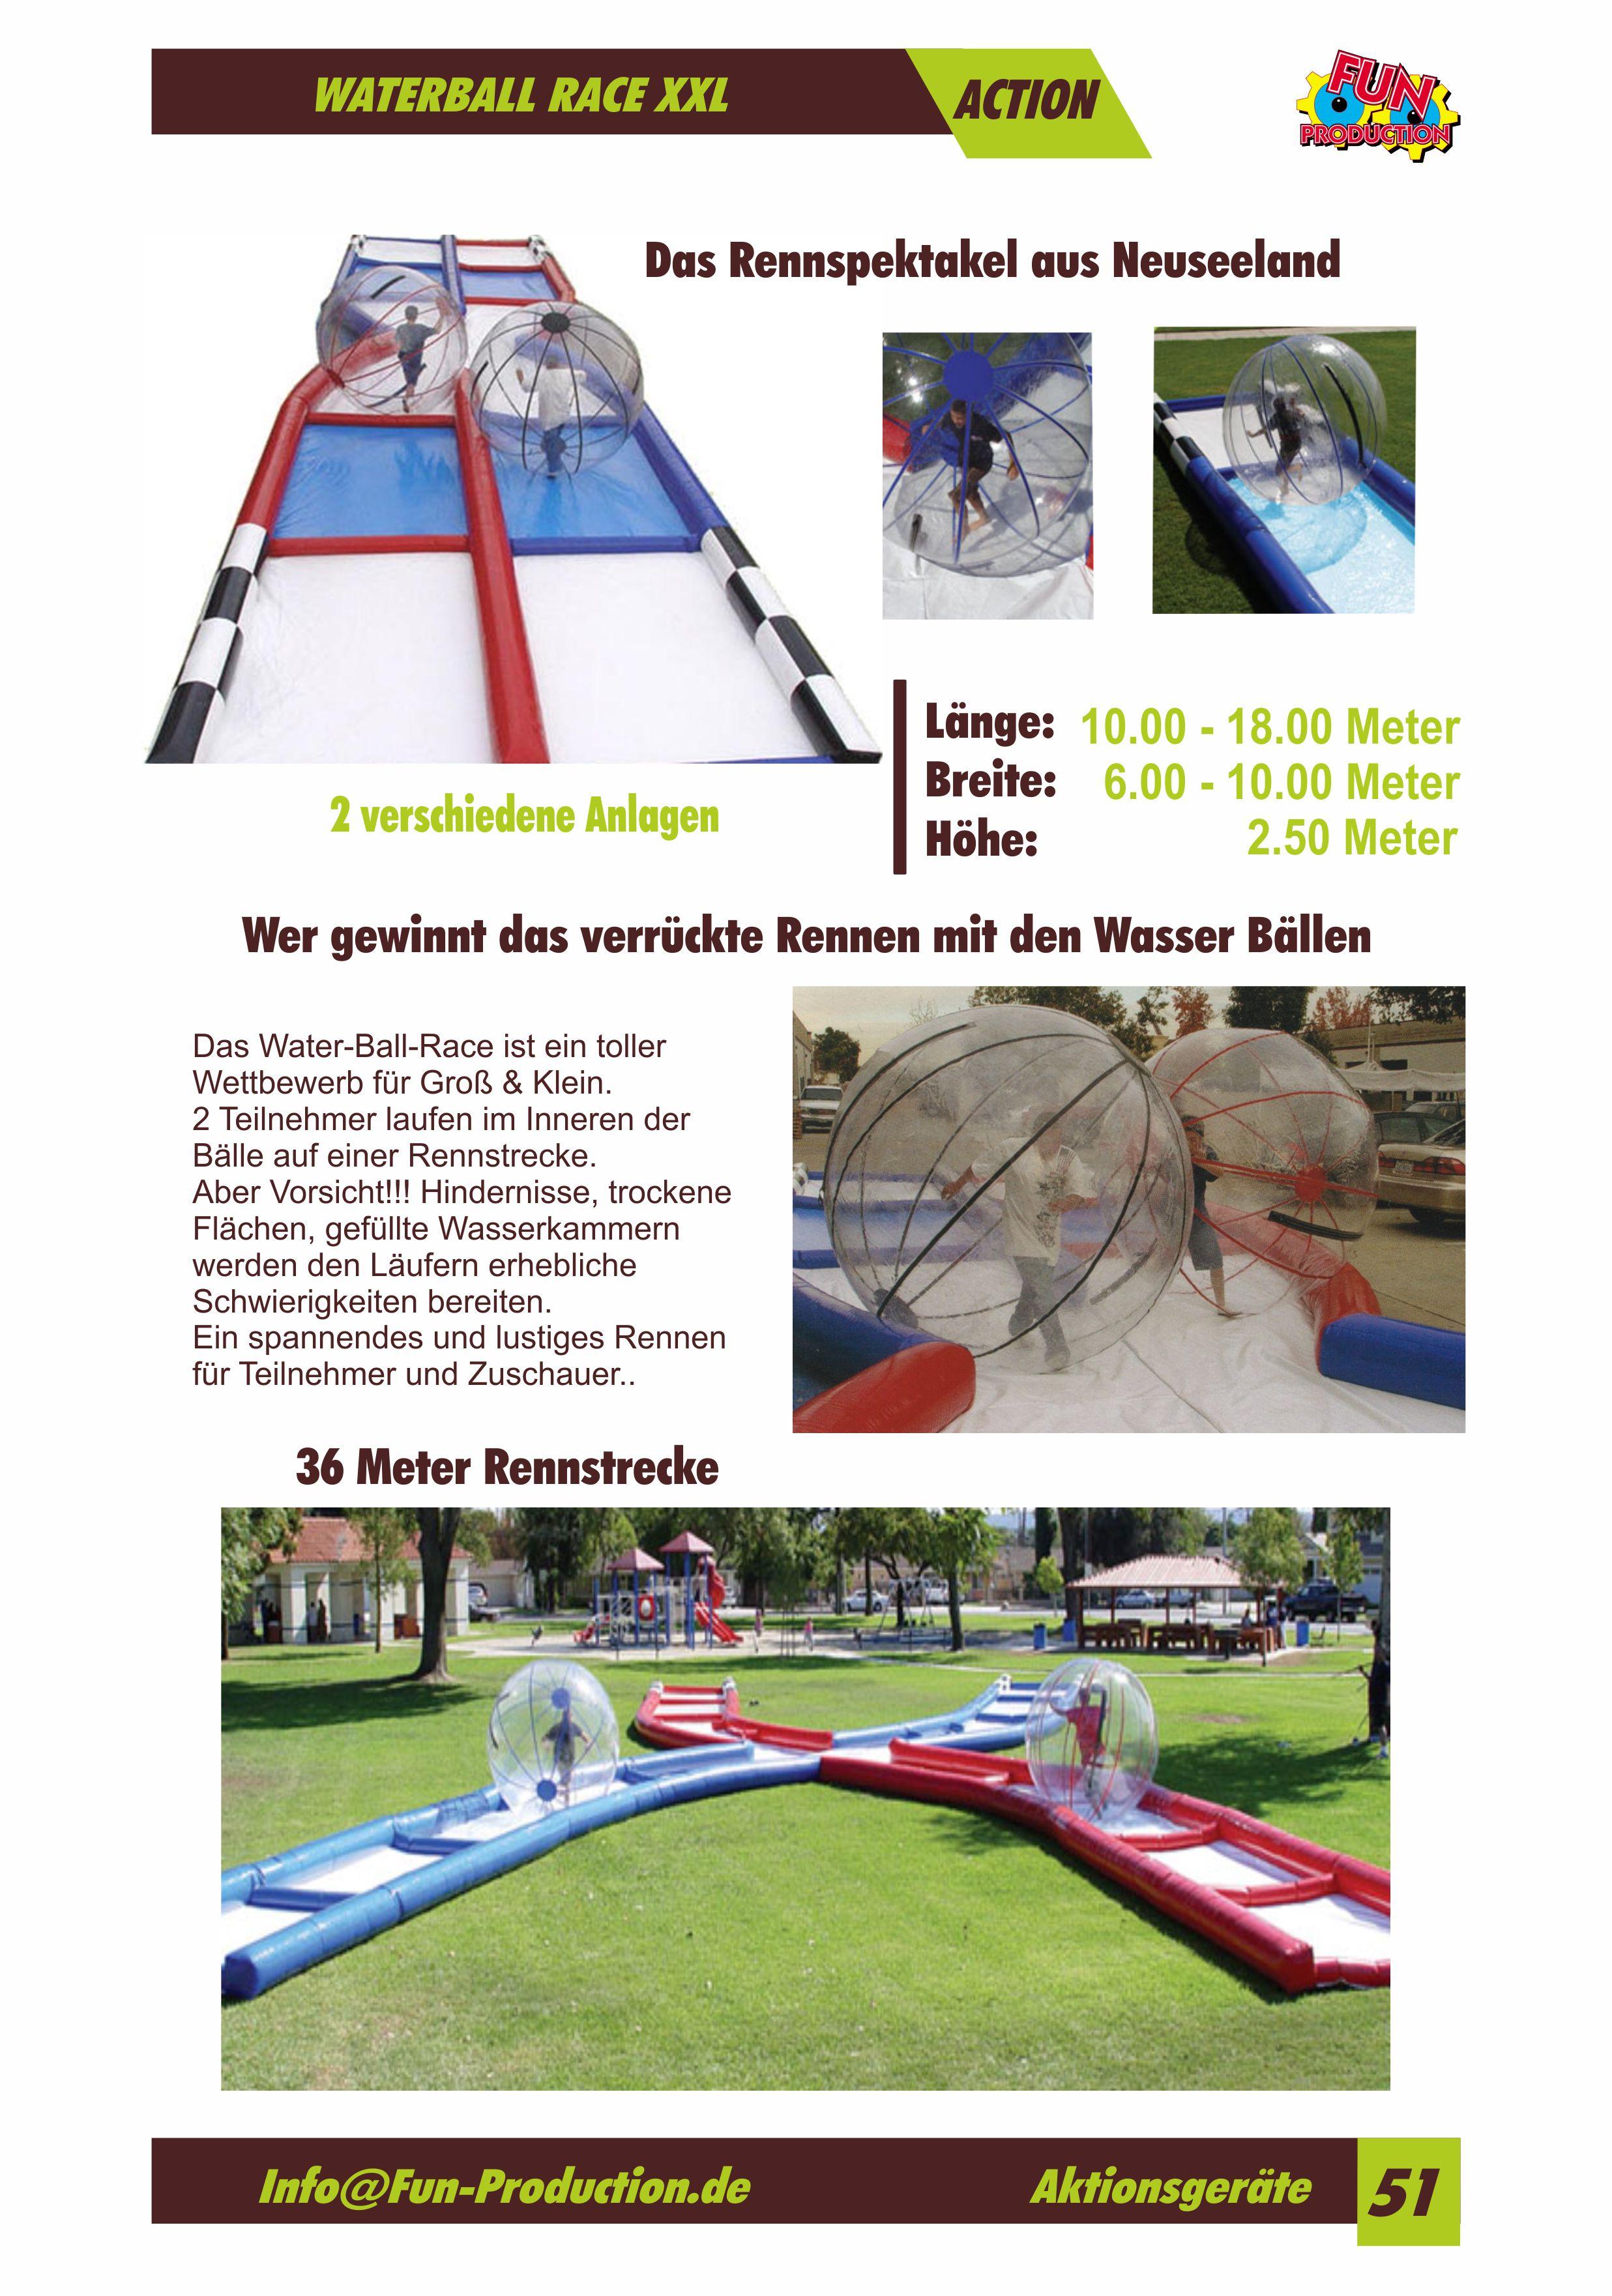 Waterball Race Fun Production GmbH